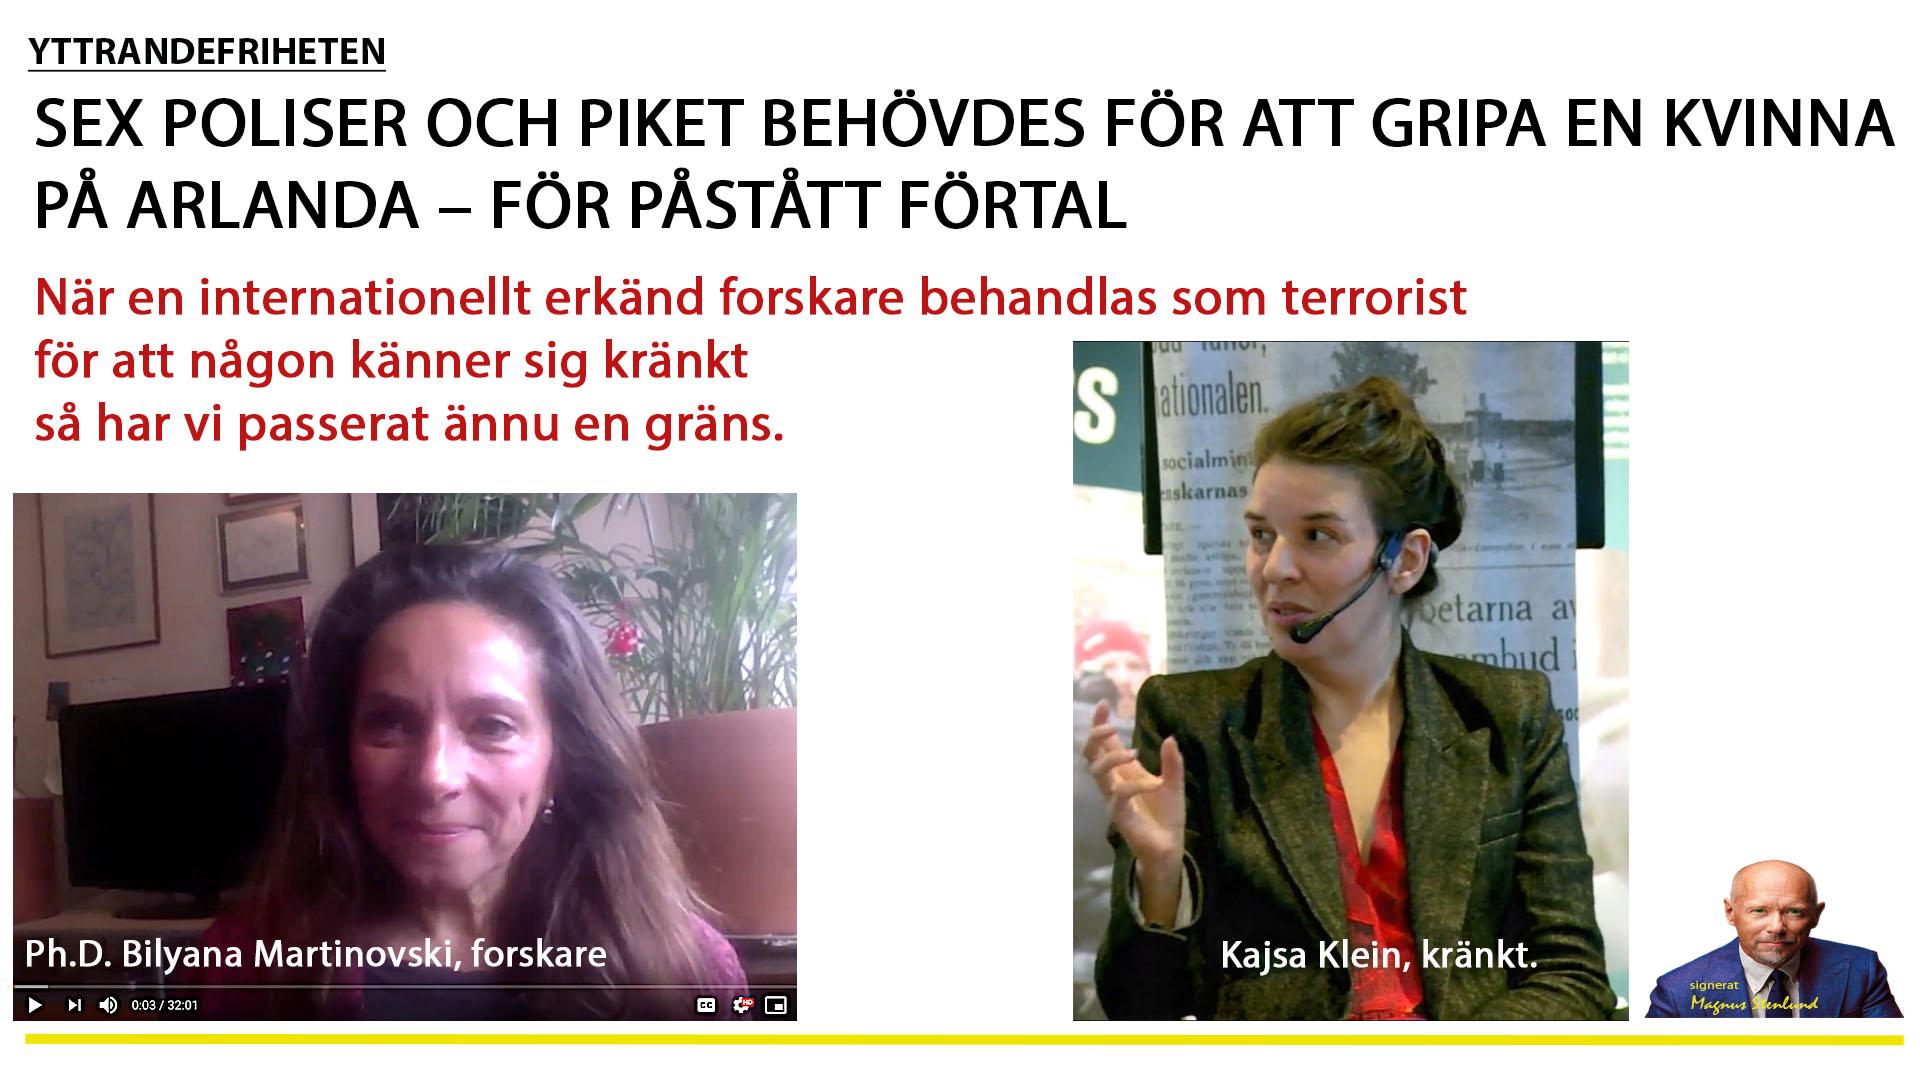 Polisbrutalitet för att skrämma regimkritiker till tystnad. Var? När? I Sverige, 2019.